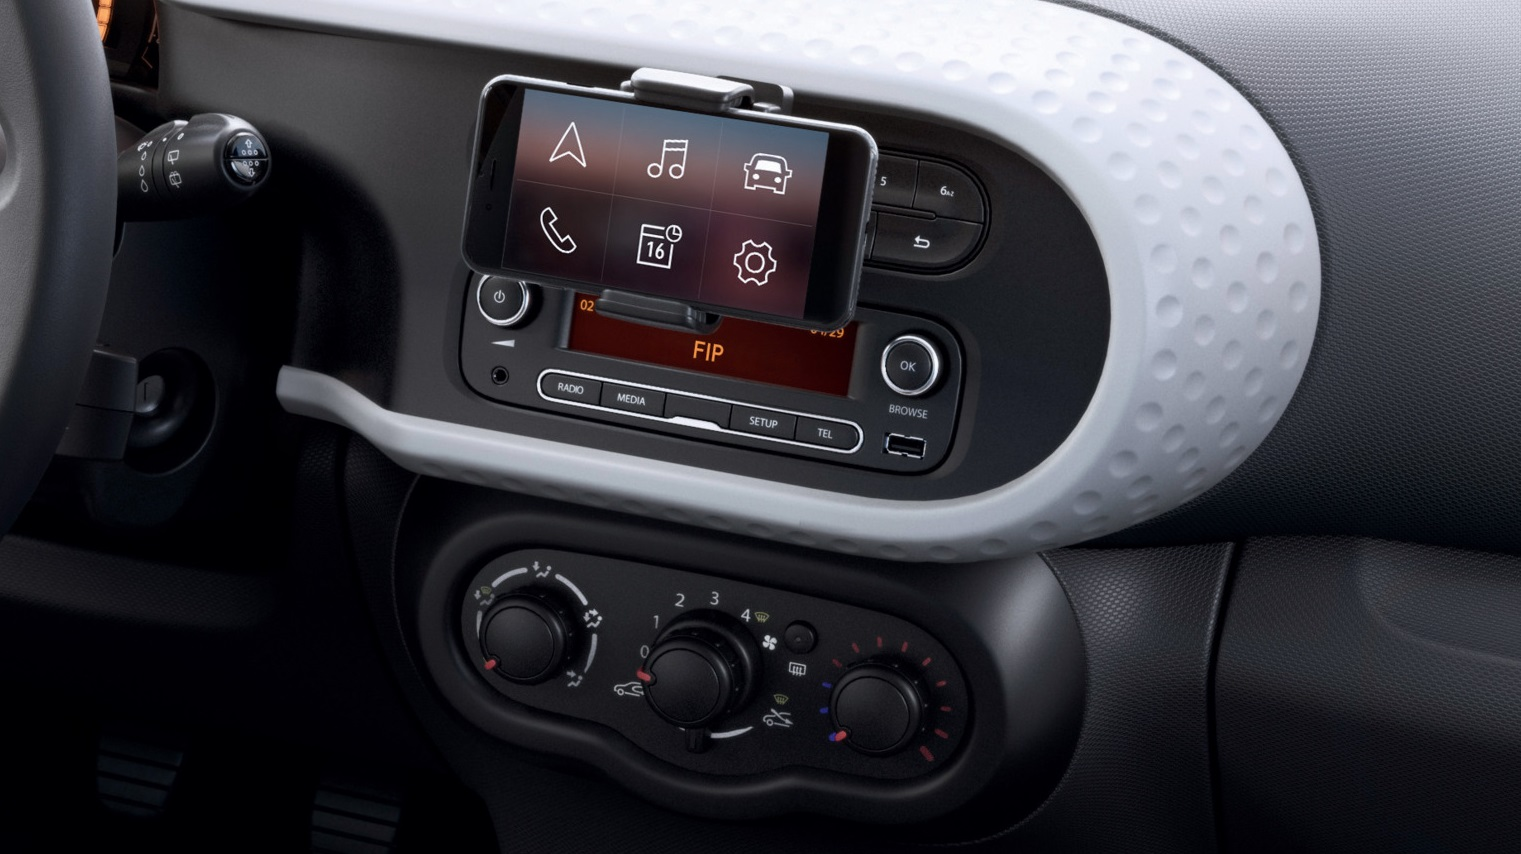 Cool&Sound Paket: Klimaanlage manuell, Radio R&Go mit DAB, Lenkradsatellit und Smartphone-Halterung